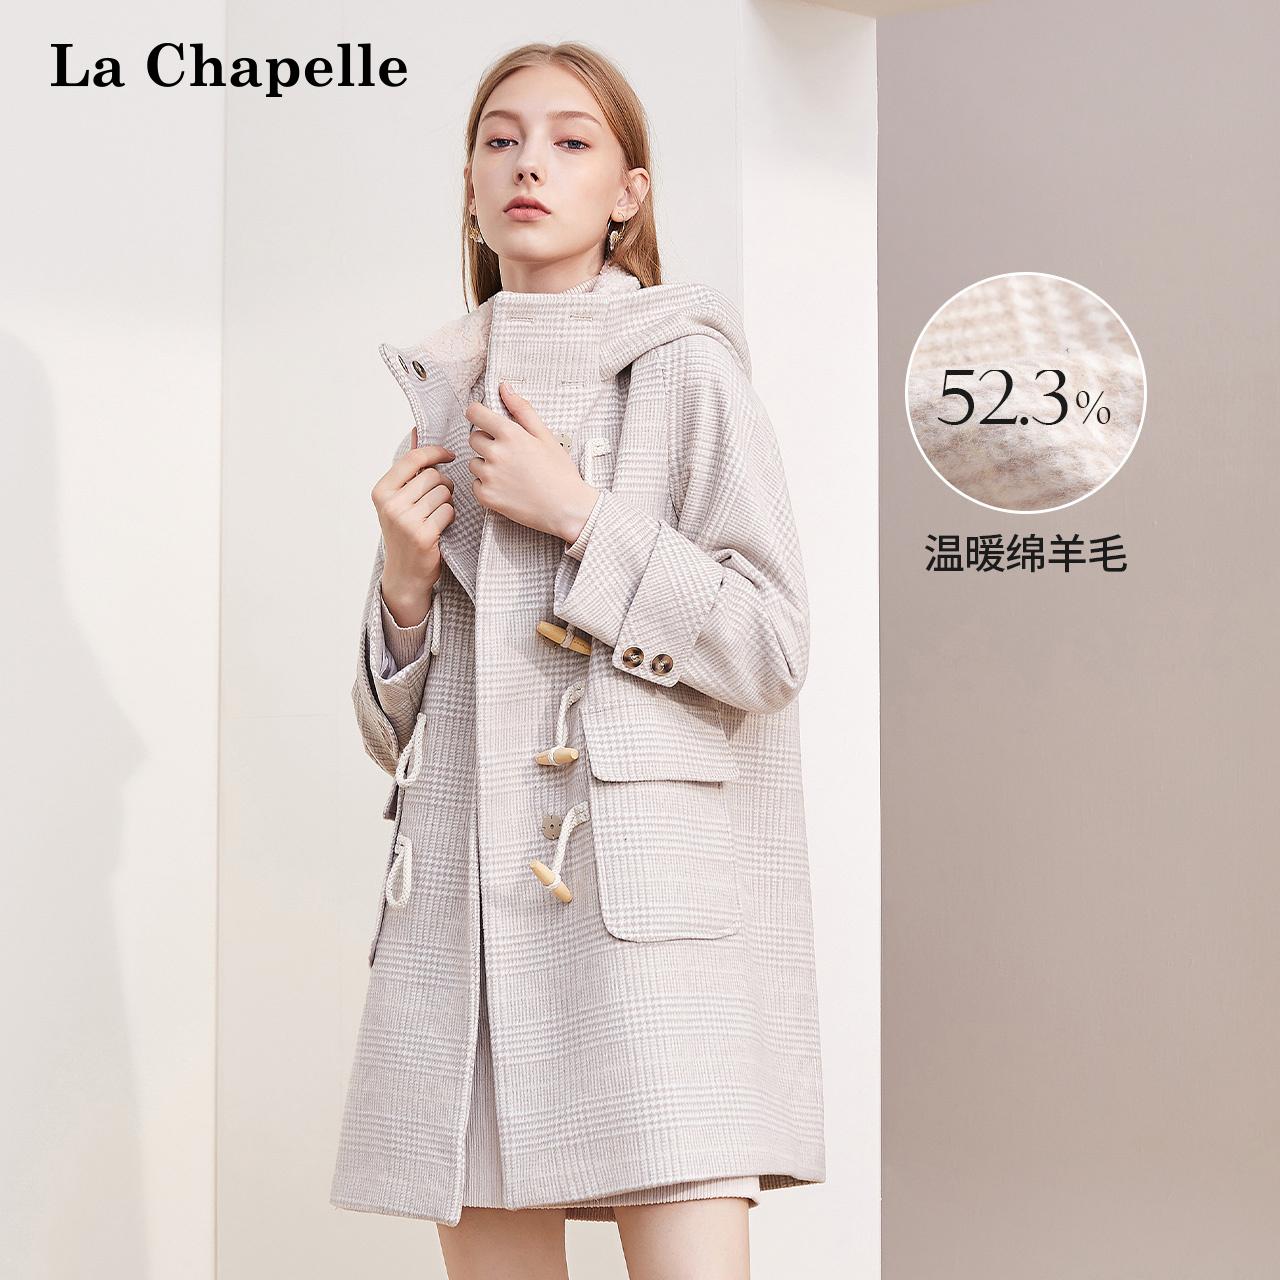 La Chapelle 2019 áo choàng dài giữa mùa đông phiên bản Hàn Quốc của chiếc mũ trùm đầu có khóa áo len nữ 10021673 - Áo khoác ngắn